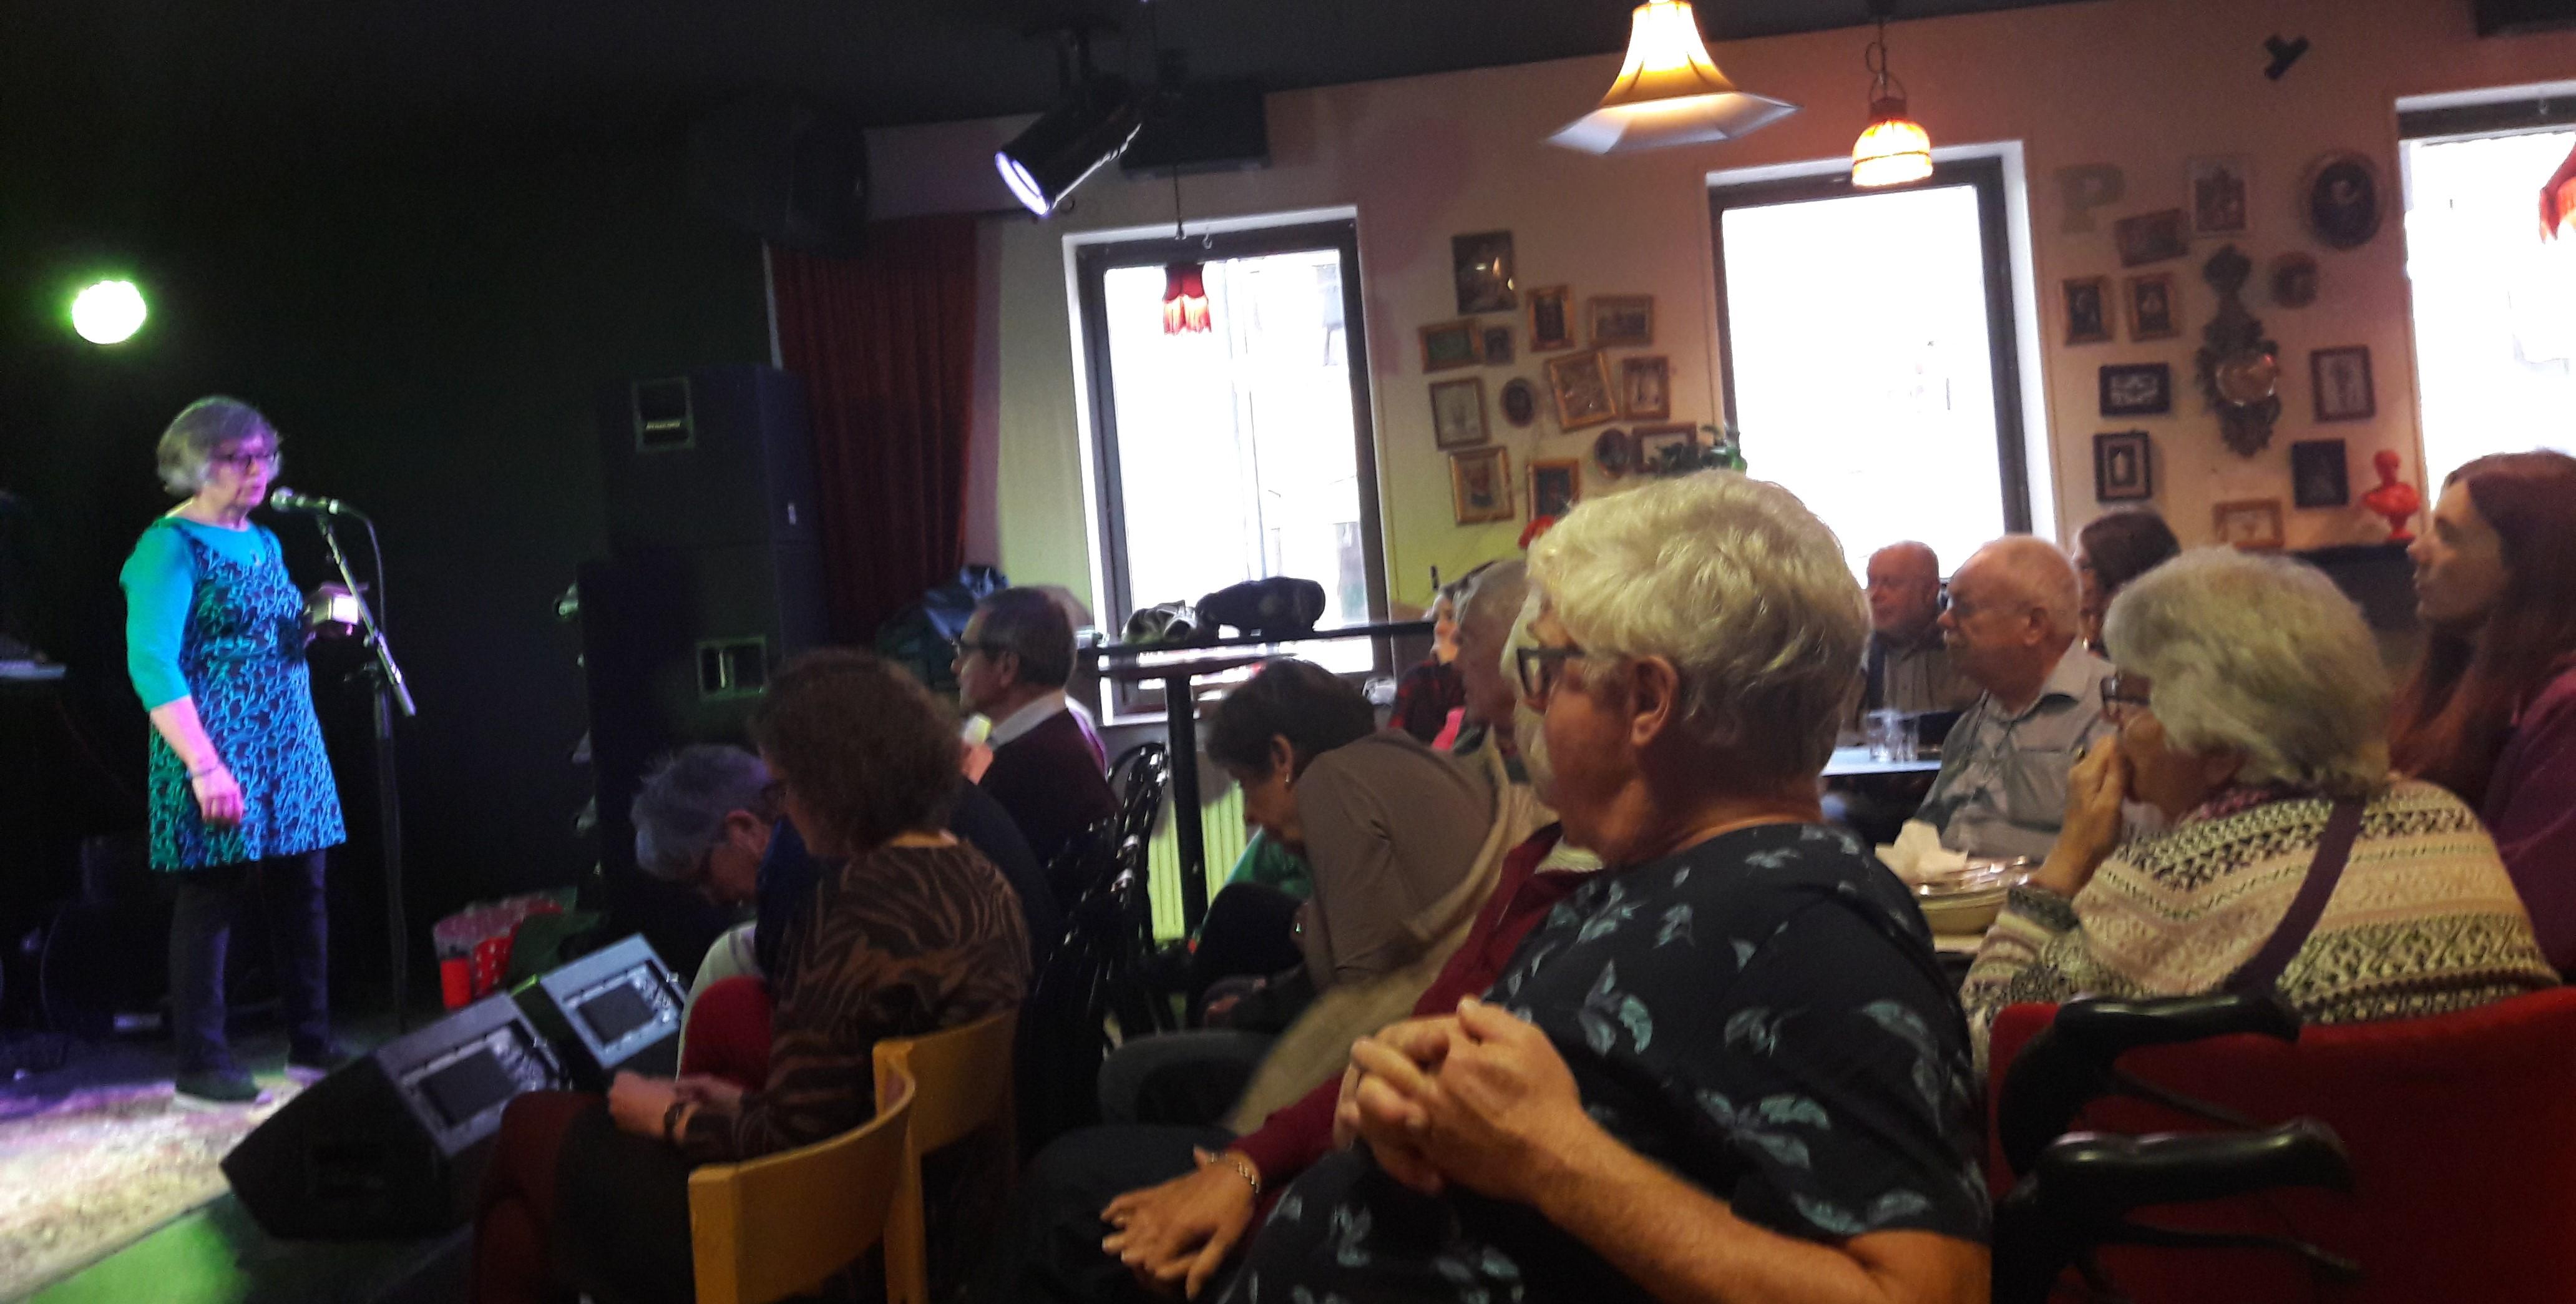 2019-09-28 Dynamo BNN Falska Sonja Wretsen o publik